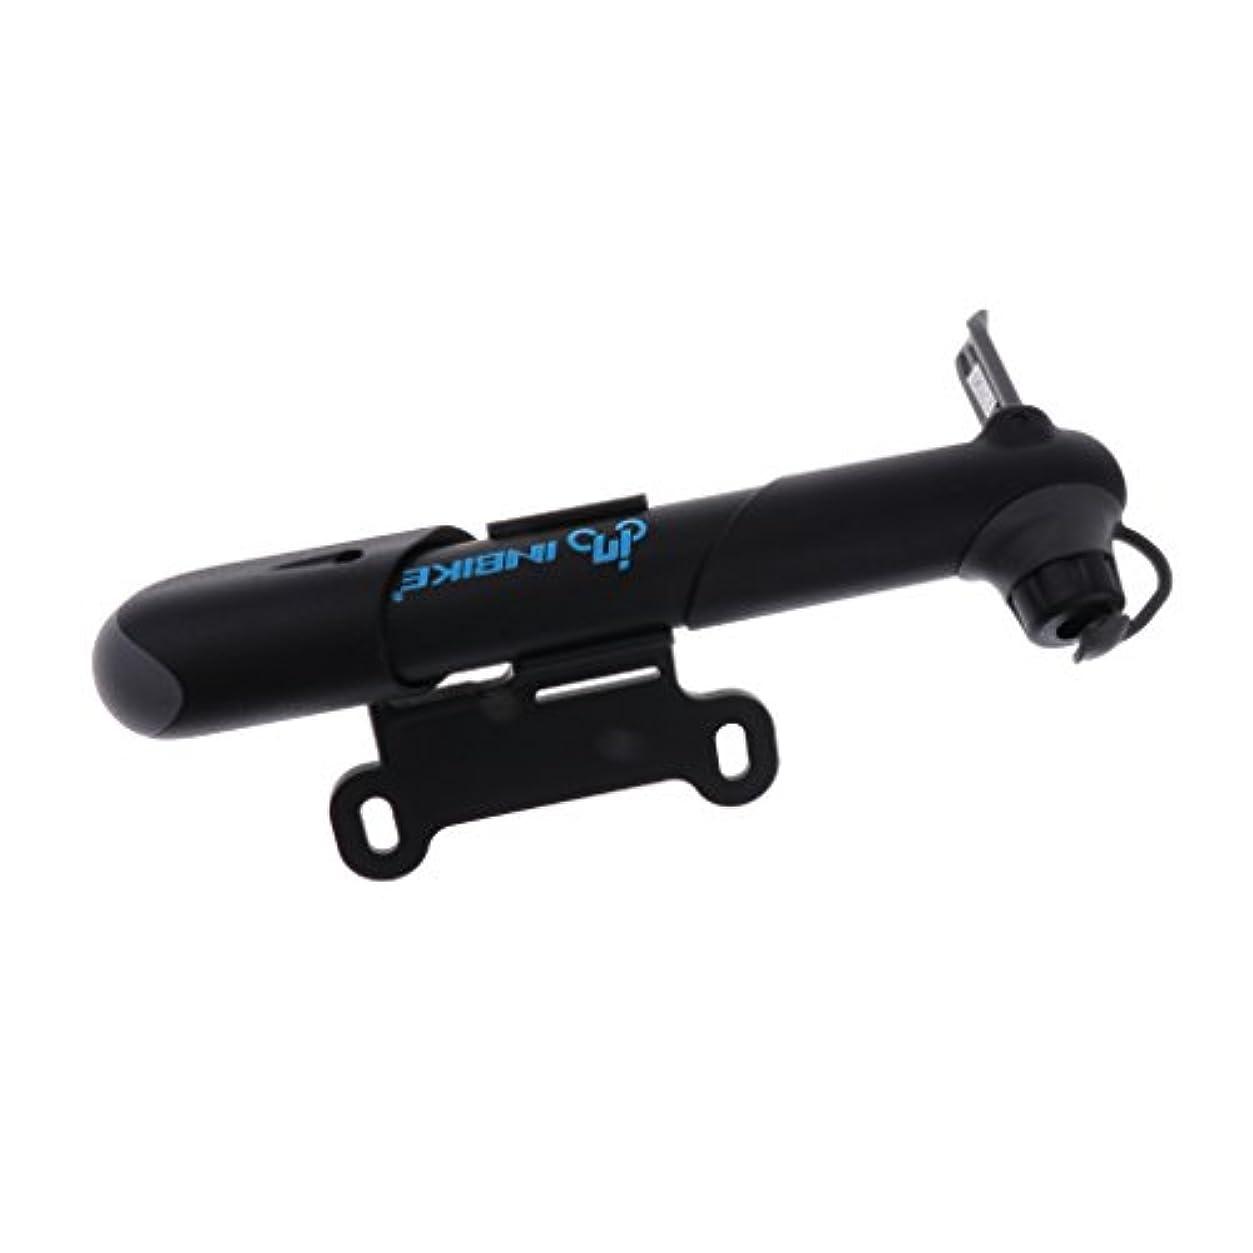 限られたレイアロケーションBaoblaze 高圧 ミニ ポータブル 自転車 空気 ポンプ 固定式 マウント付き バイク タイヤ 携帯ポンプ インフレータ